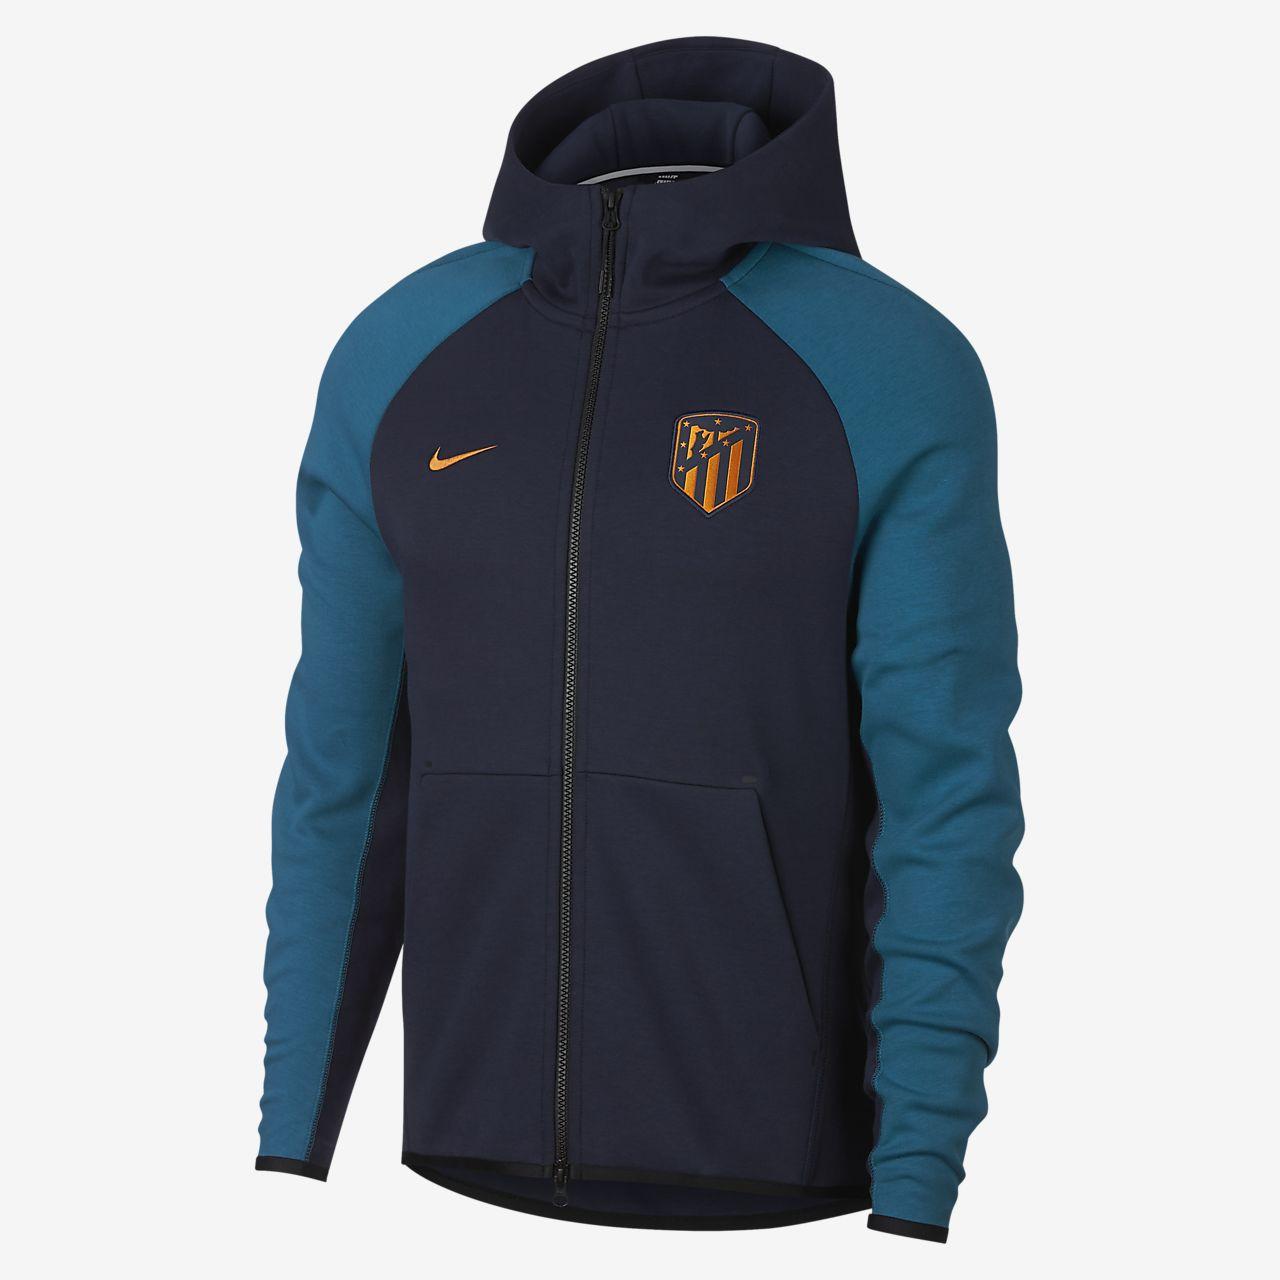 1628934065de9 ... Atlético de Madrid Tech Fleece Sudadera con capucha con cremallera  completa - Hombre